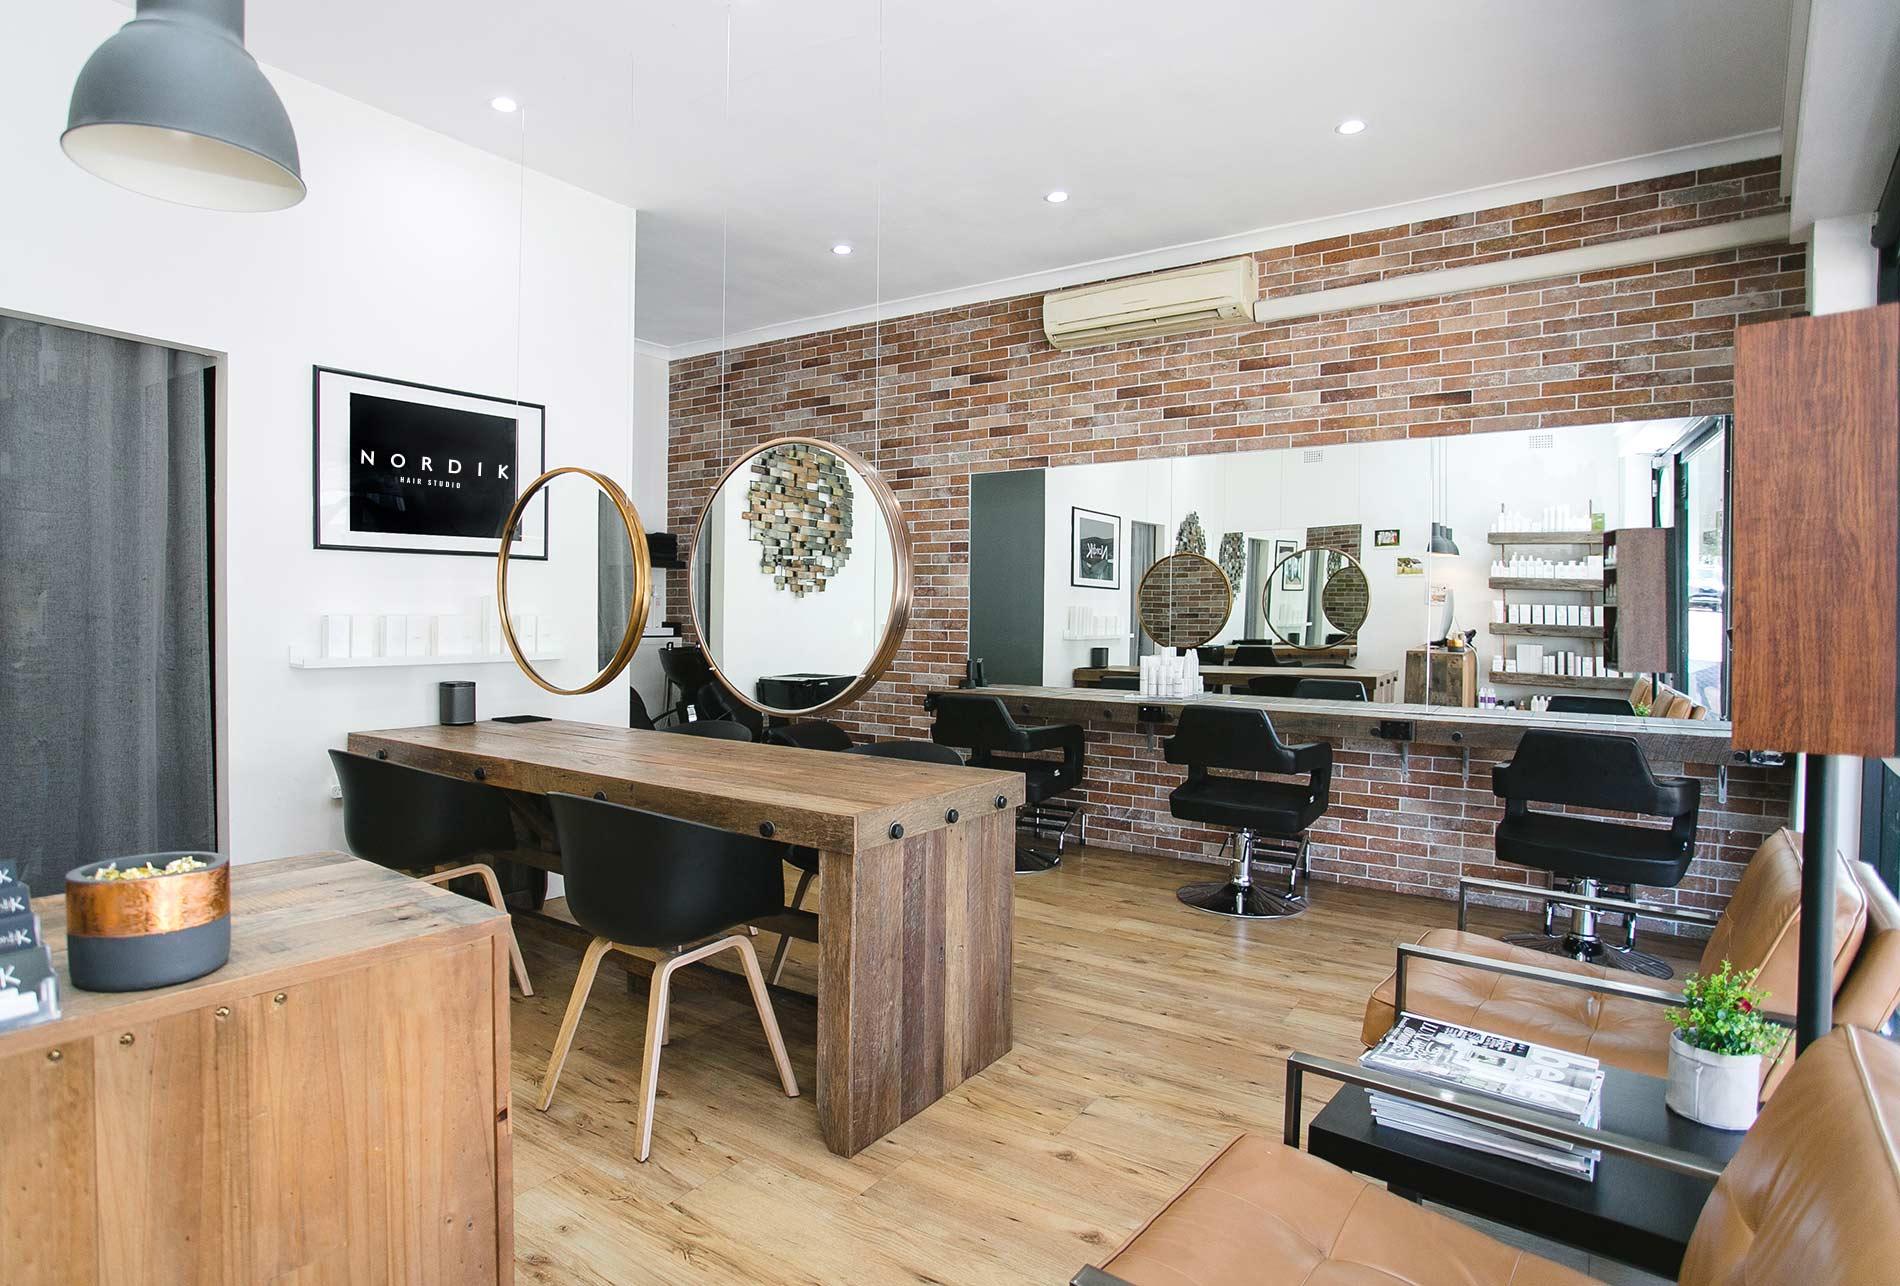 Beautiful salon interior - Nordik hair Studio Rose Bay